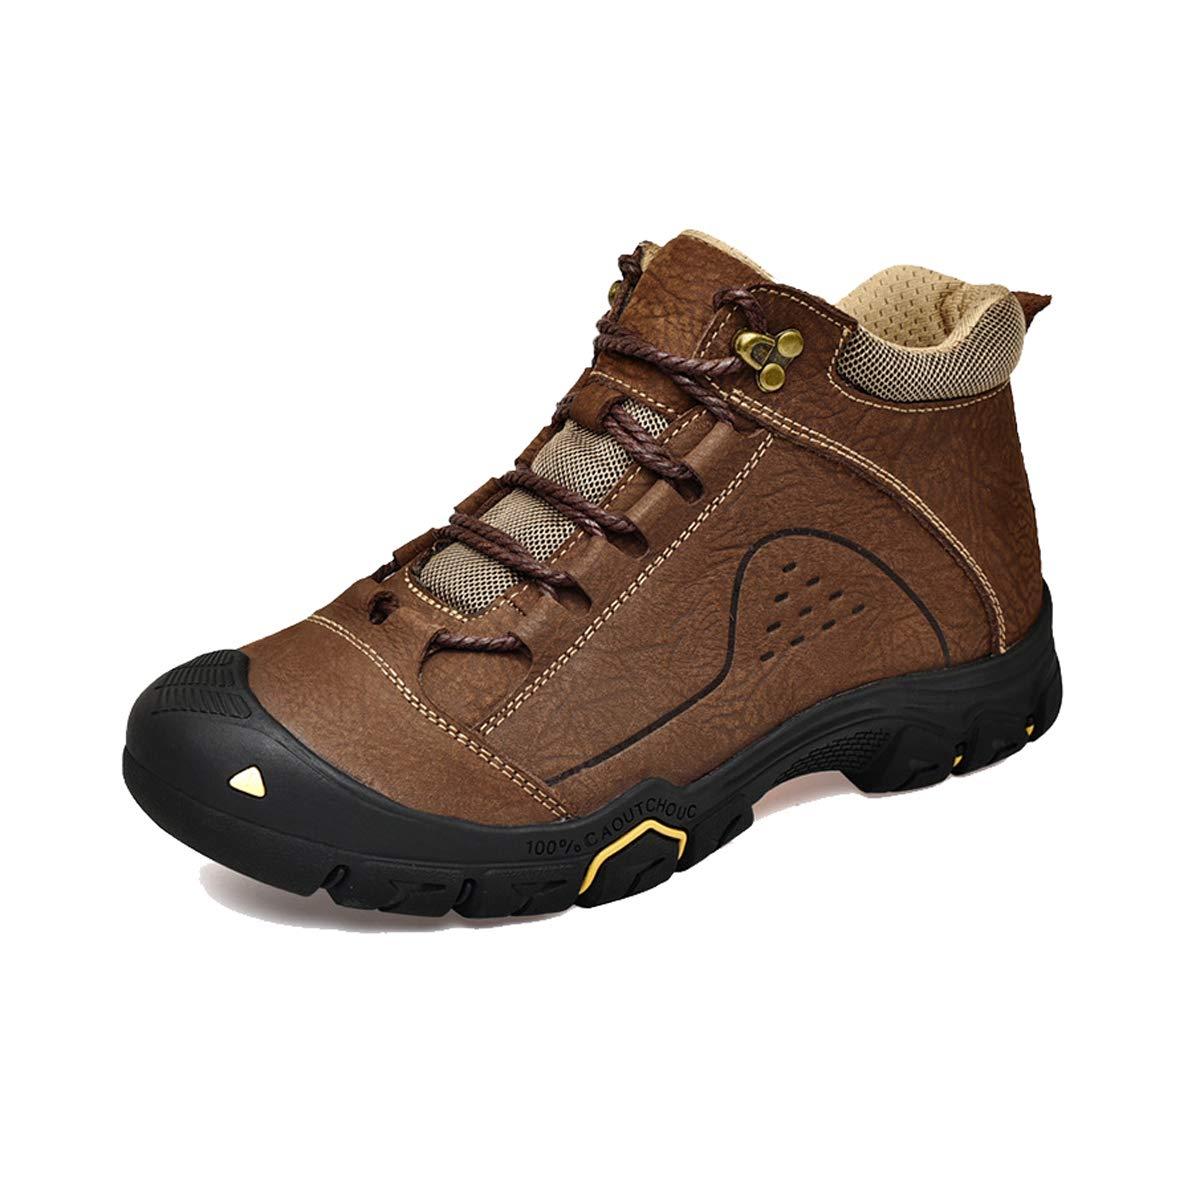 C GDXH Nouvelles Chaussures,Mens Chaussures de randonnée Jungle Trekking Chaussures Lacets Chaussures imperméables Chaussures Basses-Haut 38EU